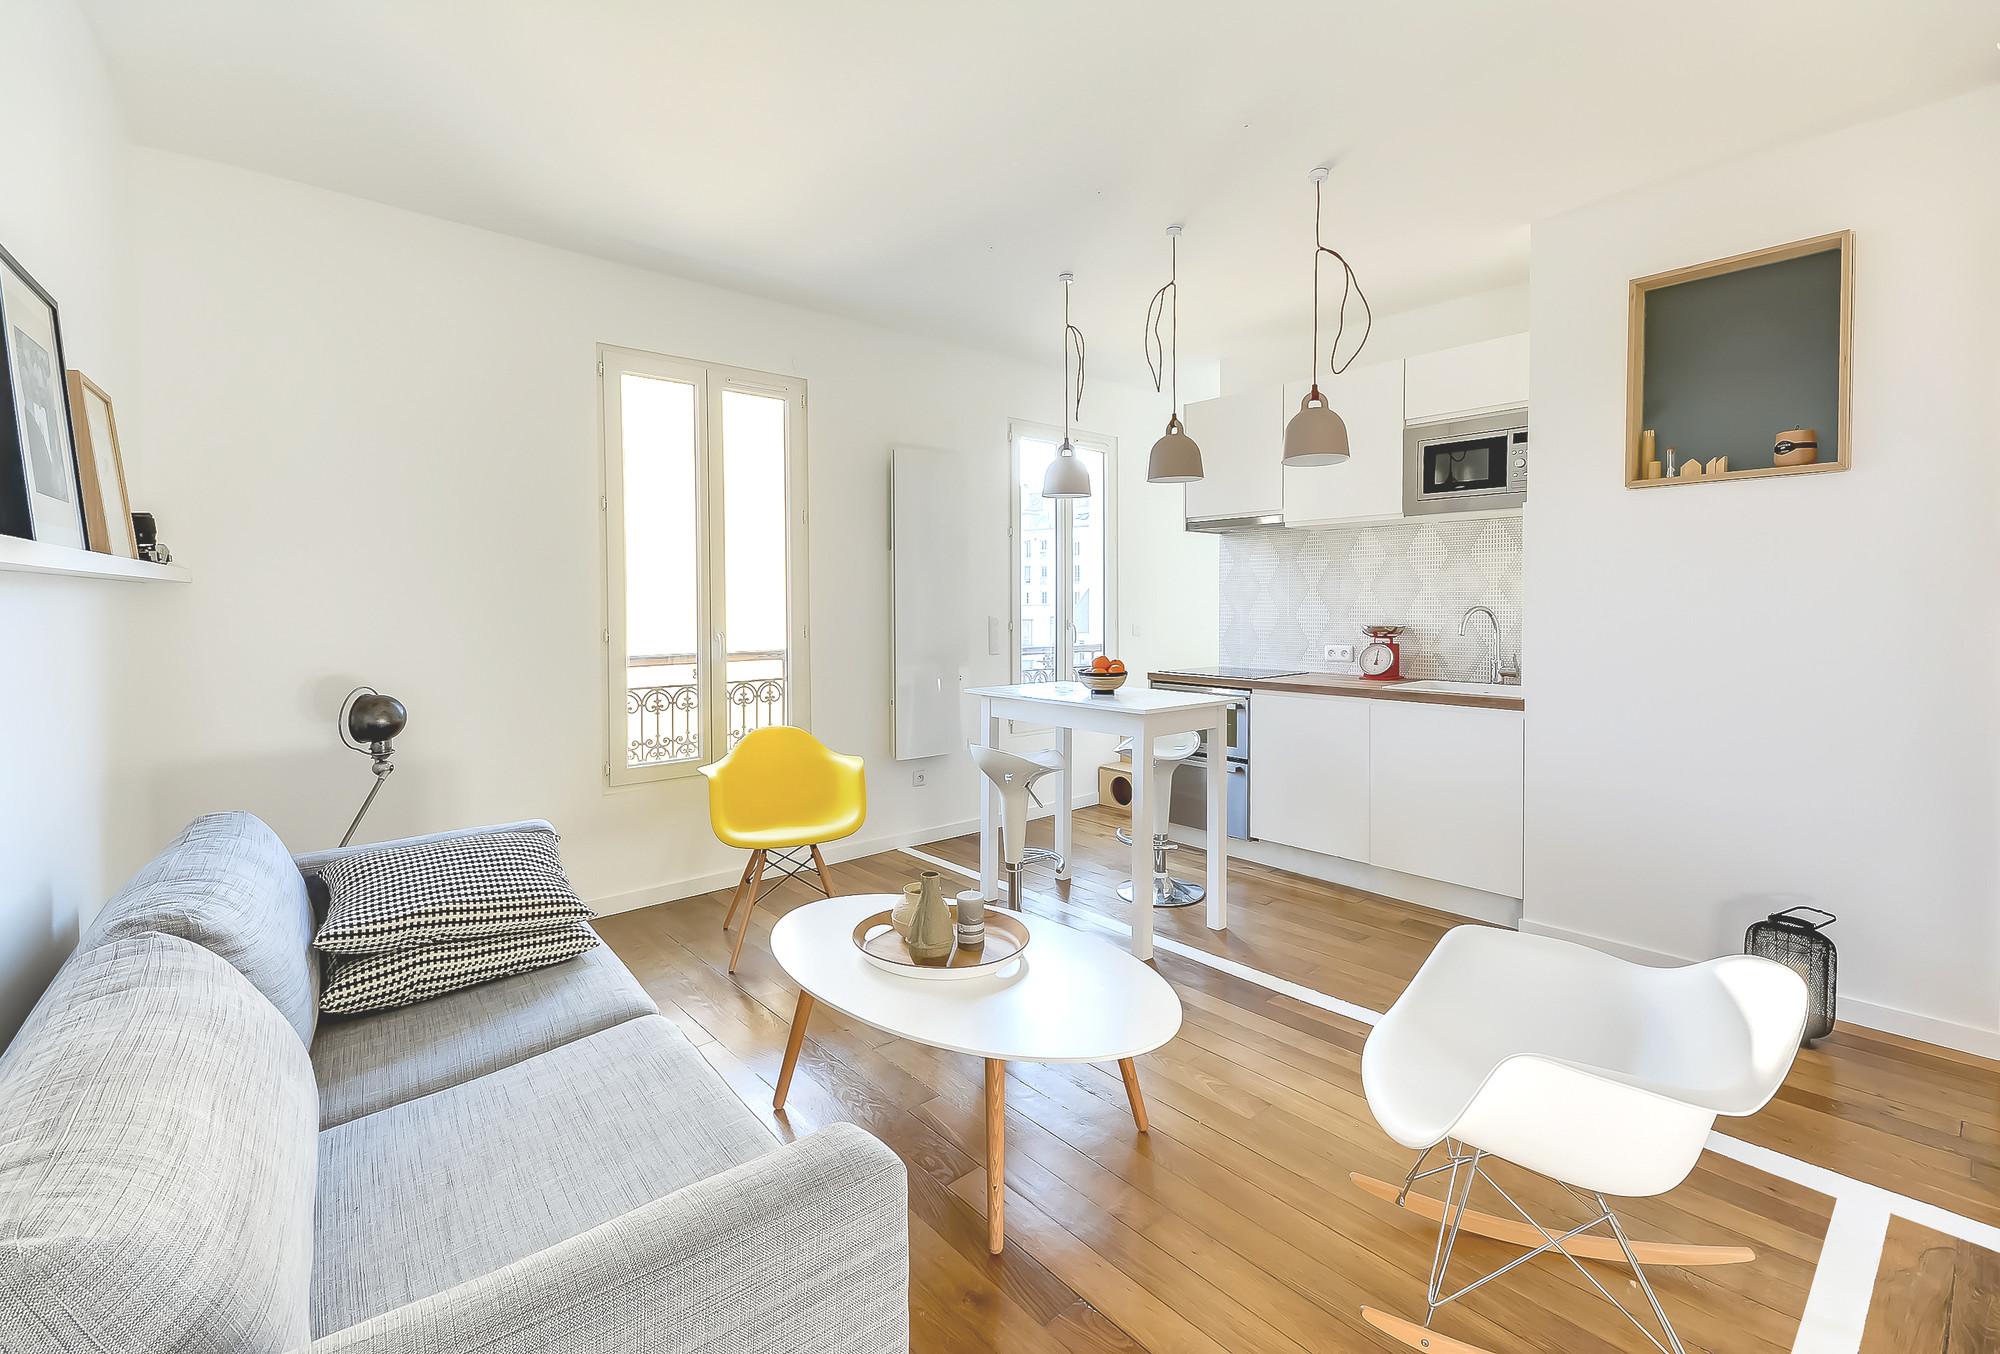 Architecte Interieur Paris 18 30m2 flat in paris / richard guilbault | archdaily